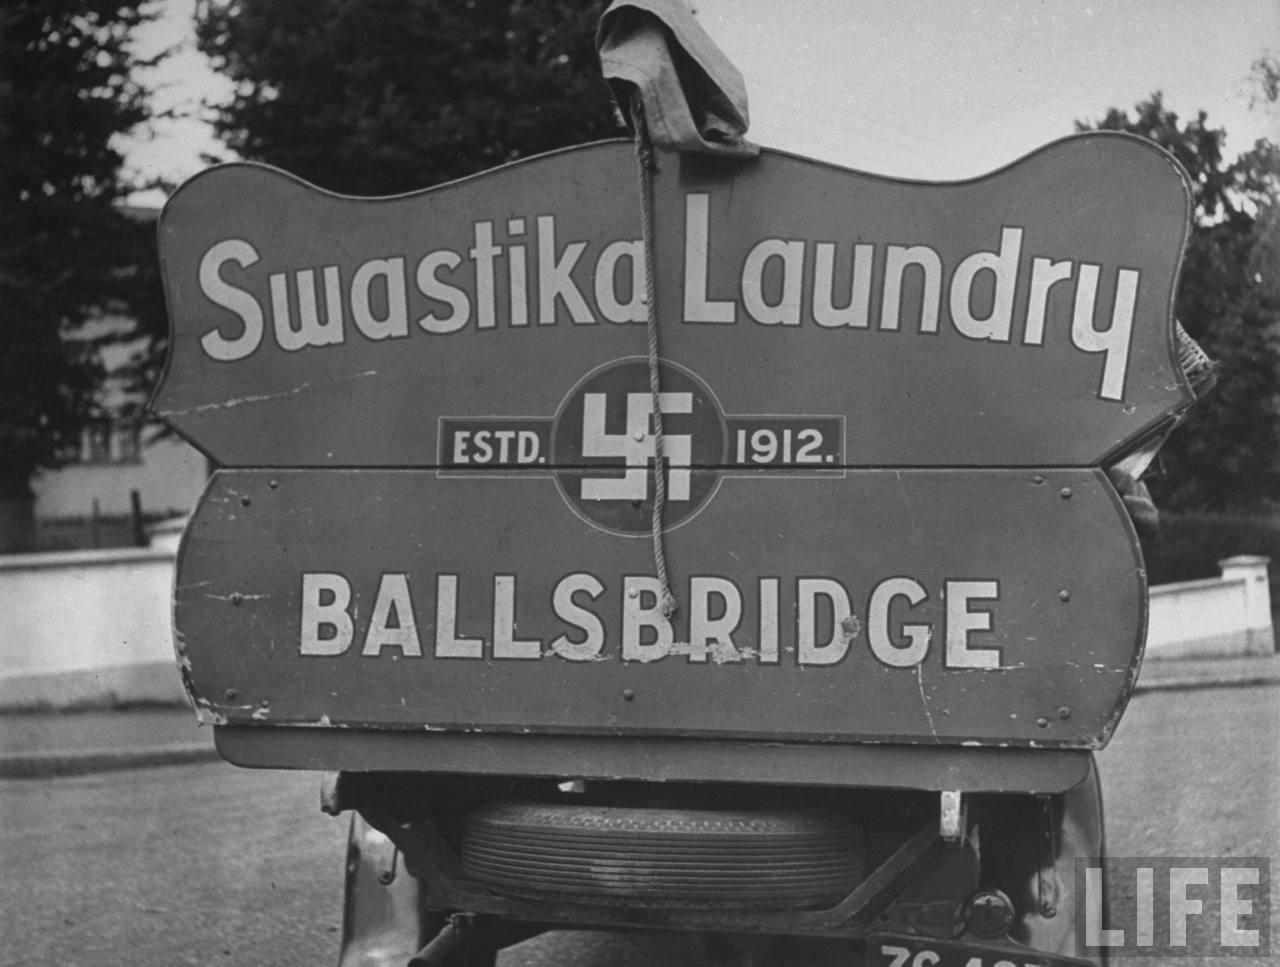 swastikalaundryvan2.jpg